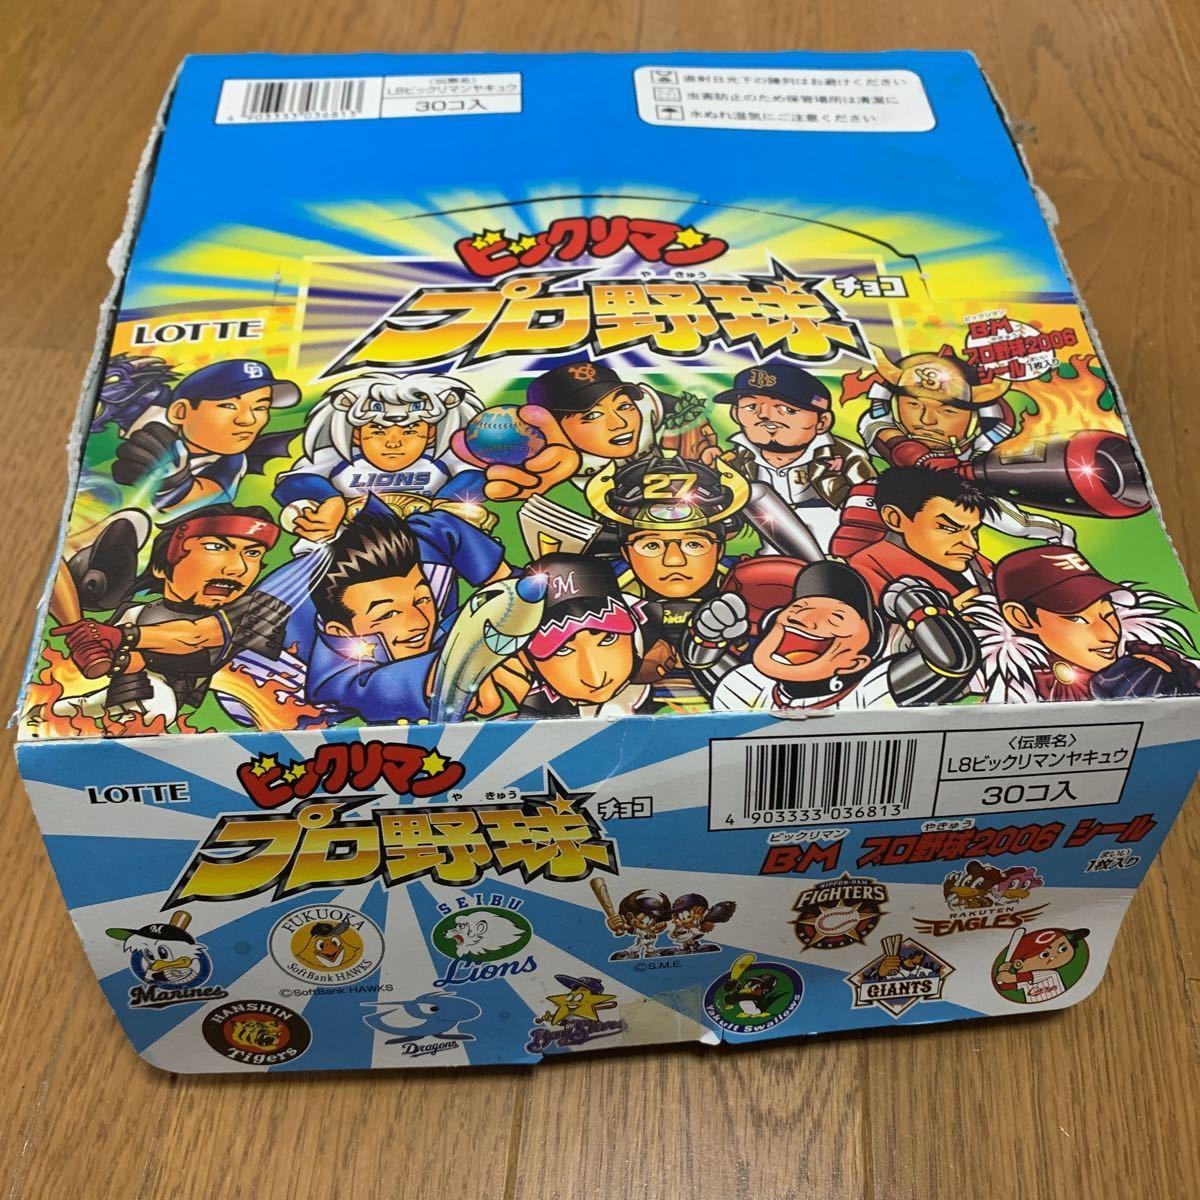 ロッテ ビックリマン プロ野球 2006 シール チョコ 未開封 25個 箱付き レア 当時もの コレクター マイナーシール_画像1